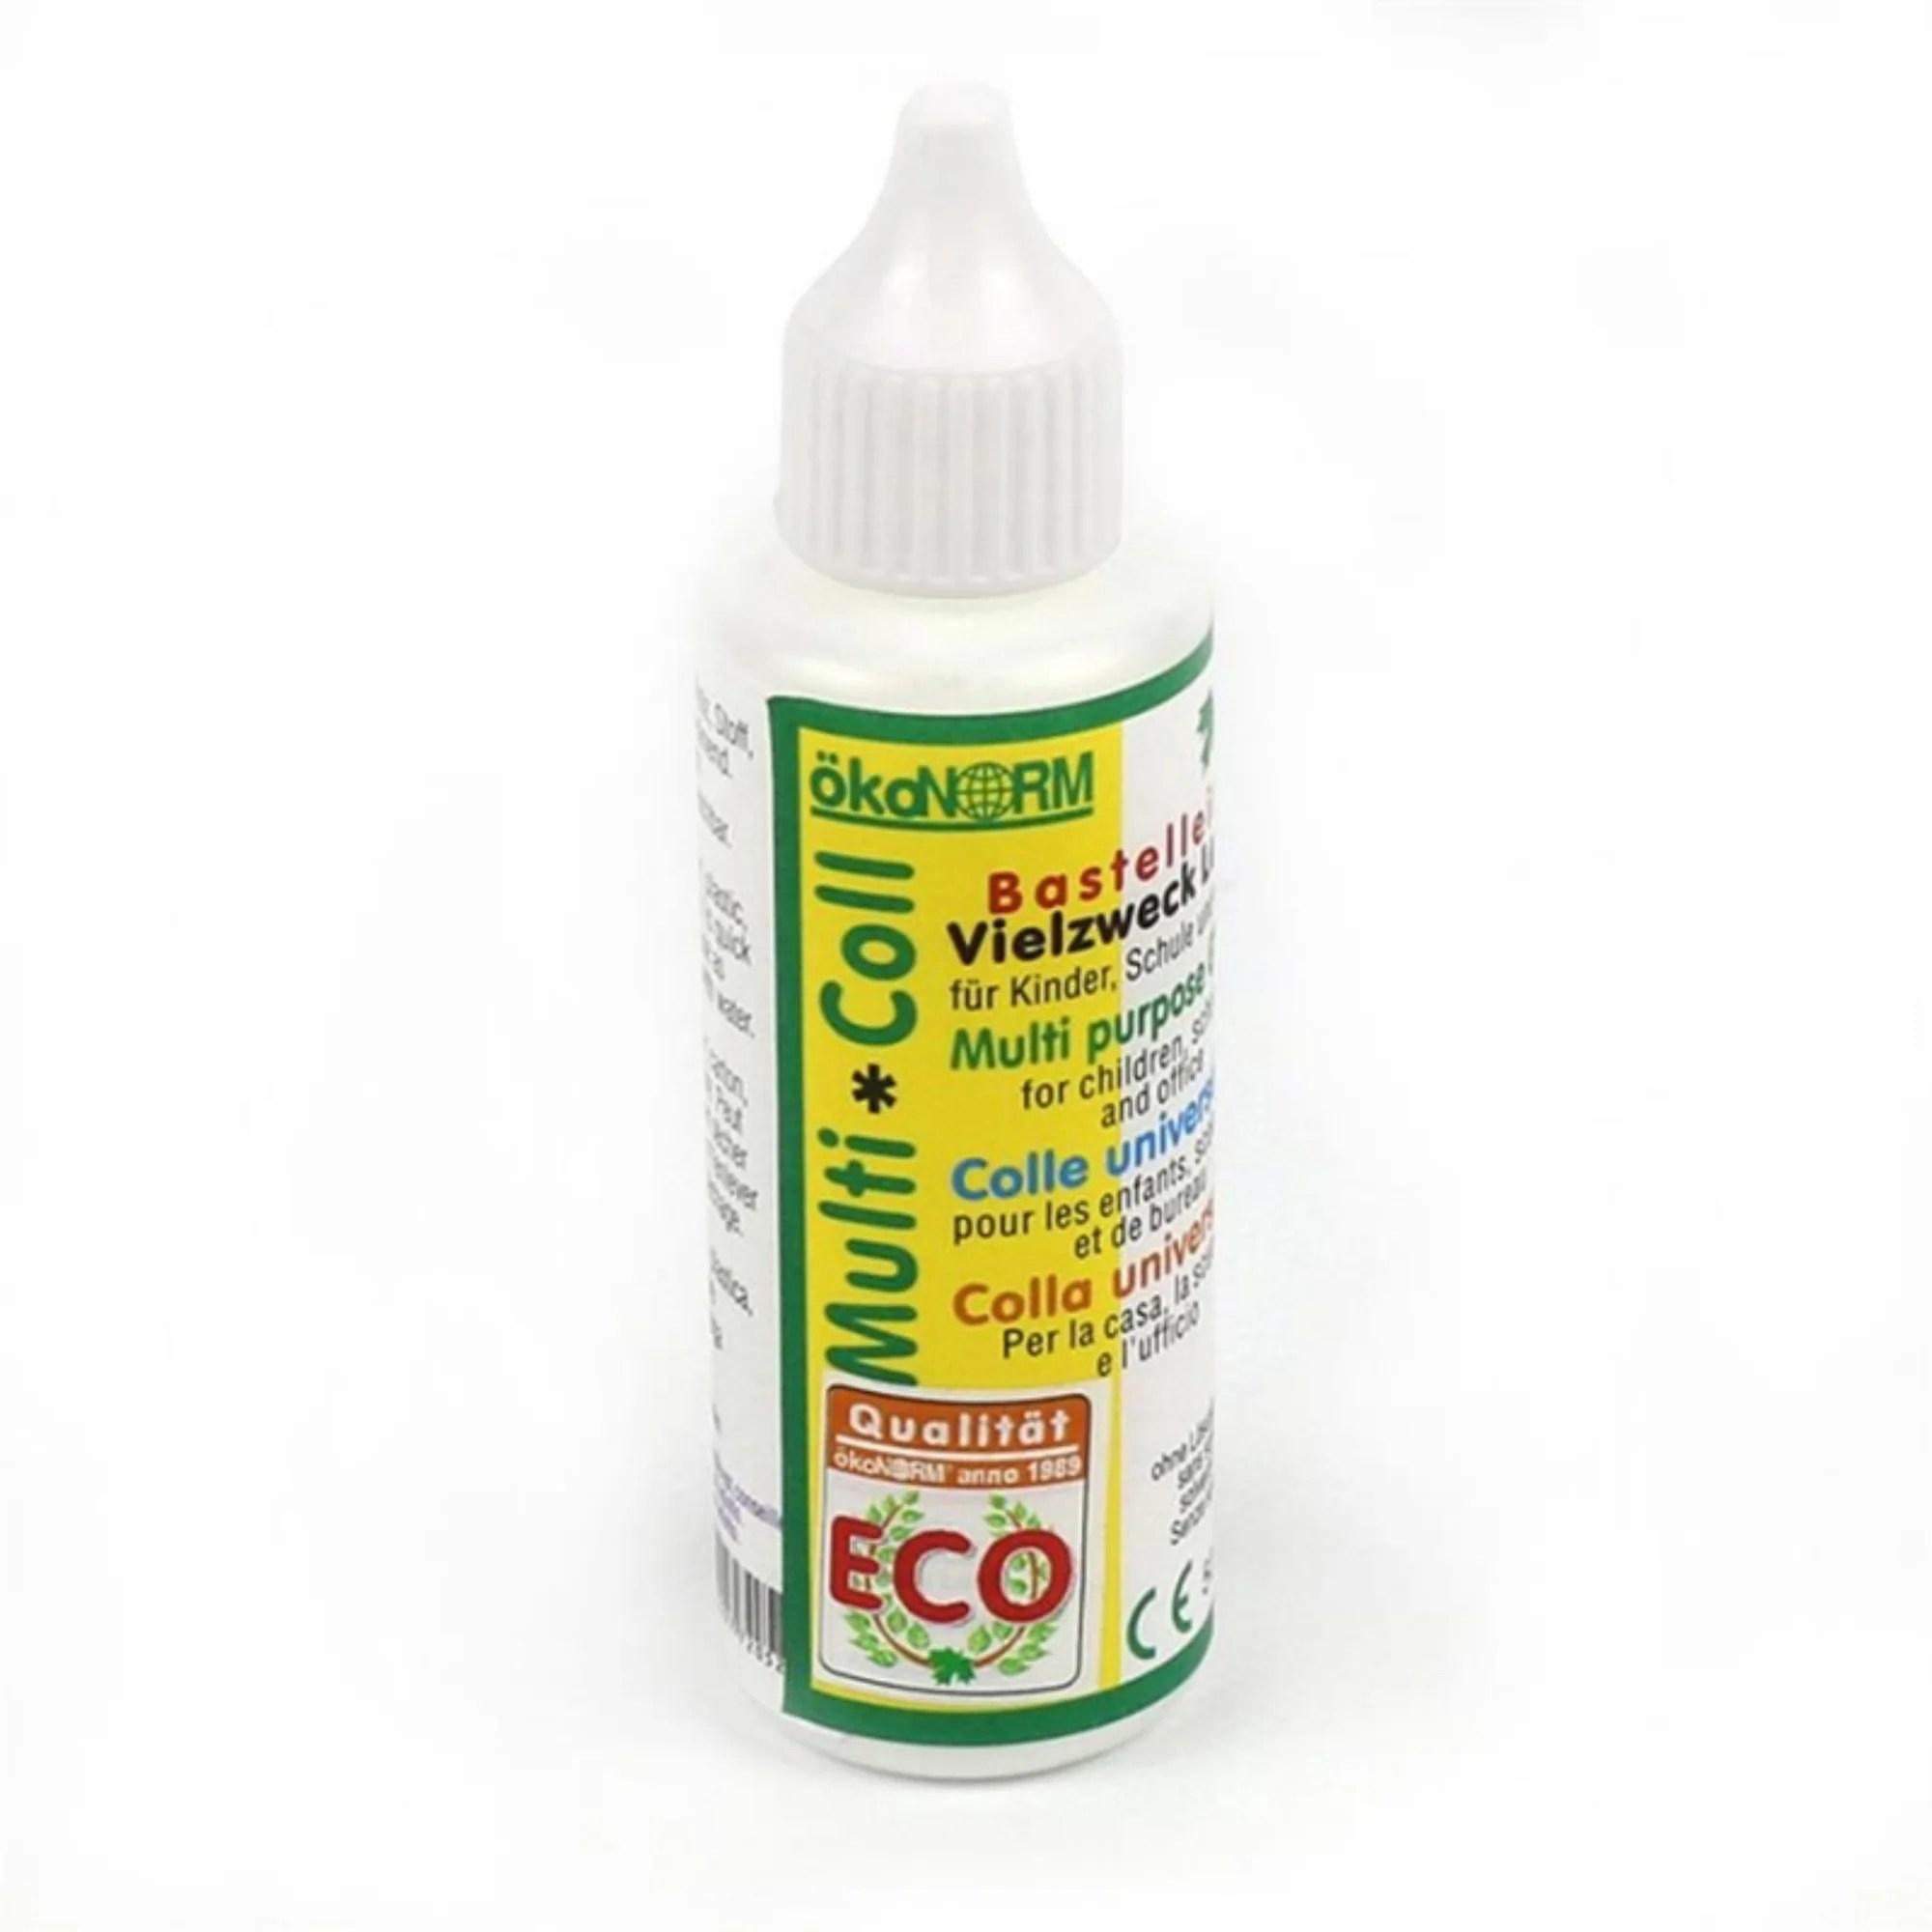 Okonorm Craft Glue Eco Friendly Vegan Beoverde Ie